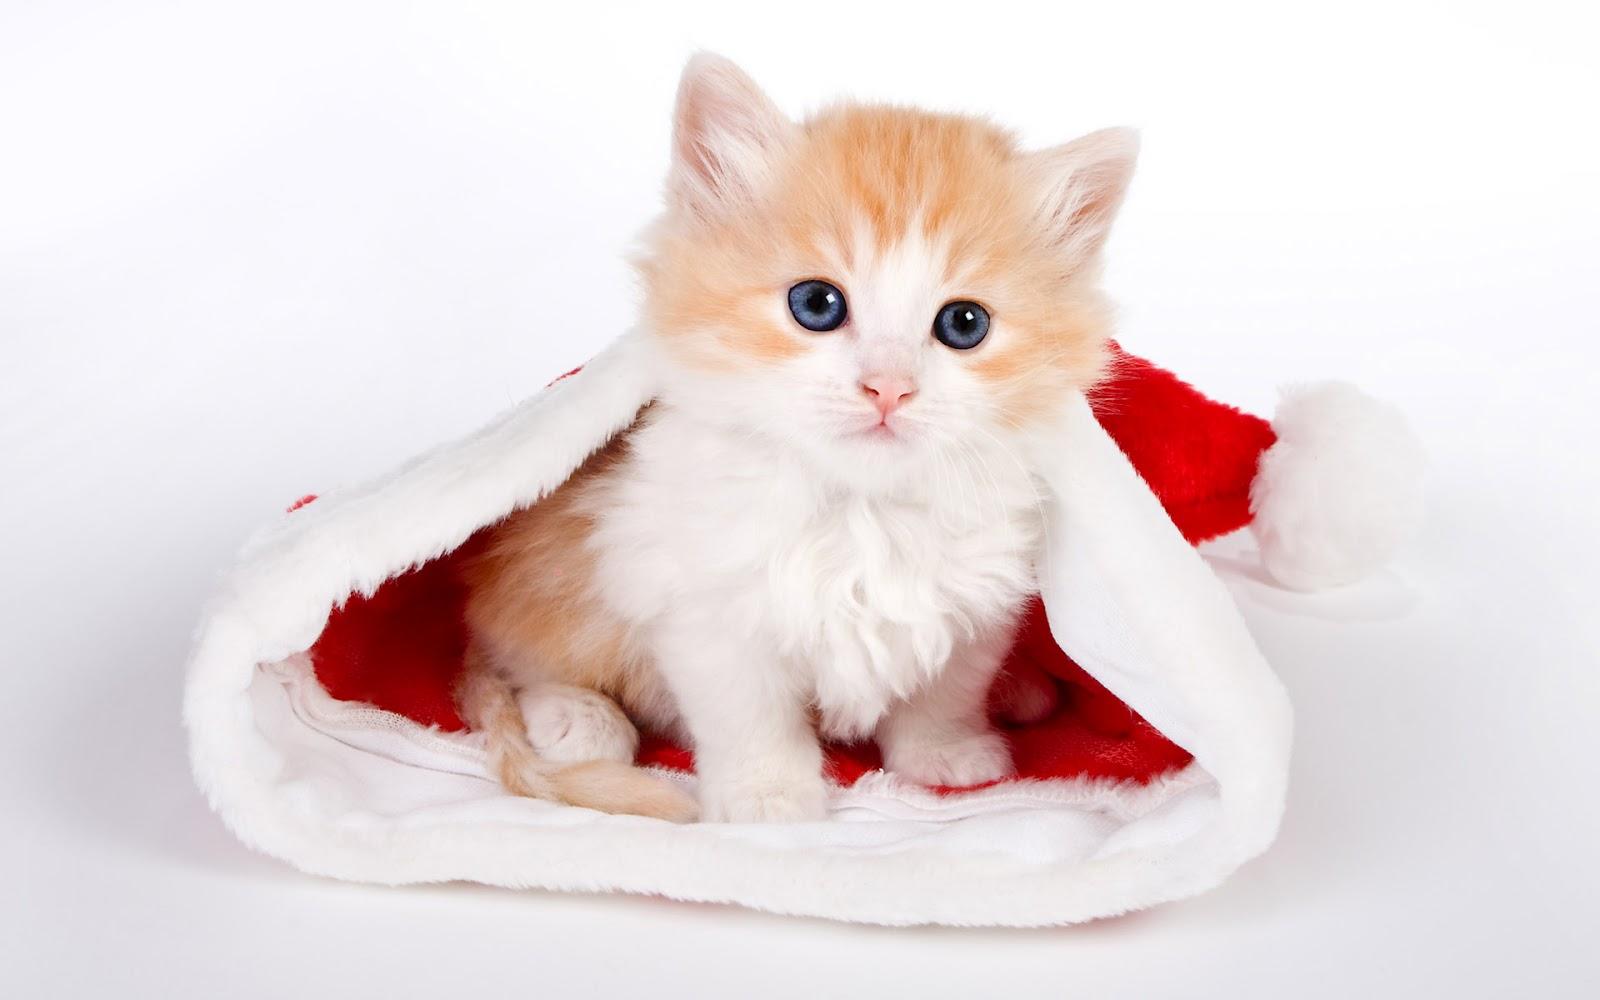 24+ Gambar Kartun Lucu Dan Imut Kucing Tahun Ini